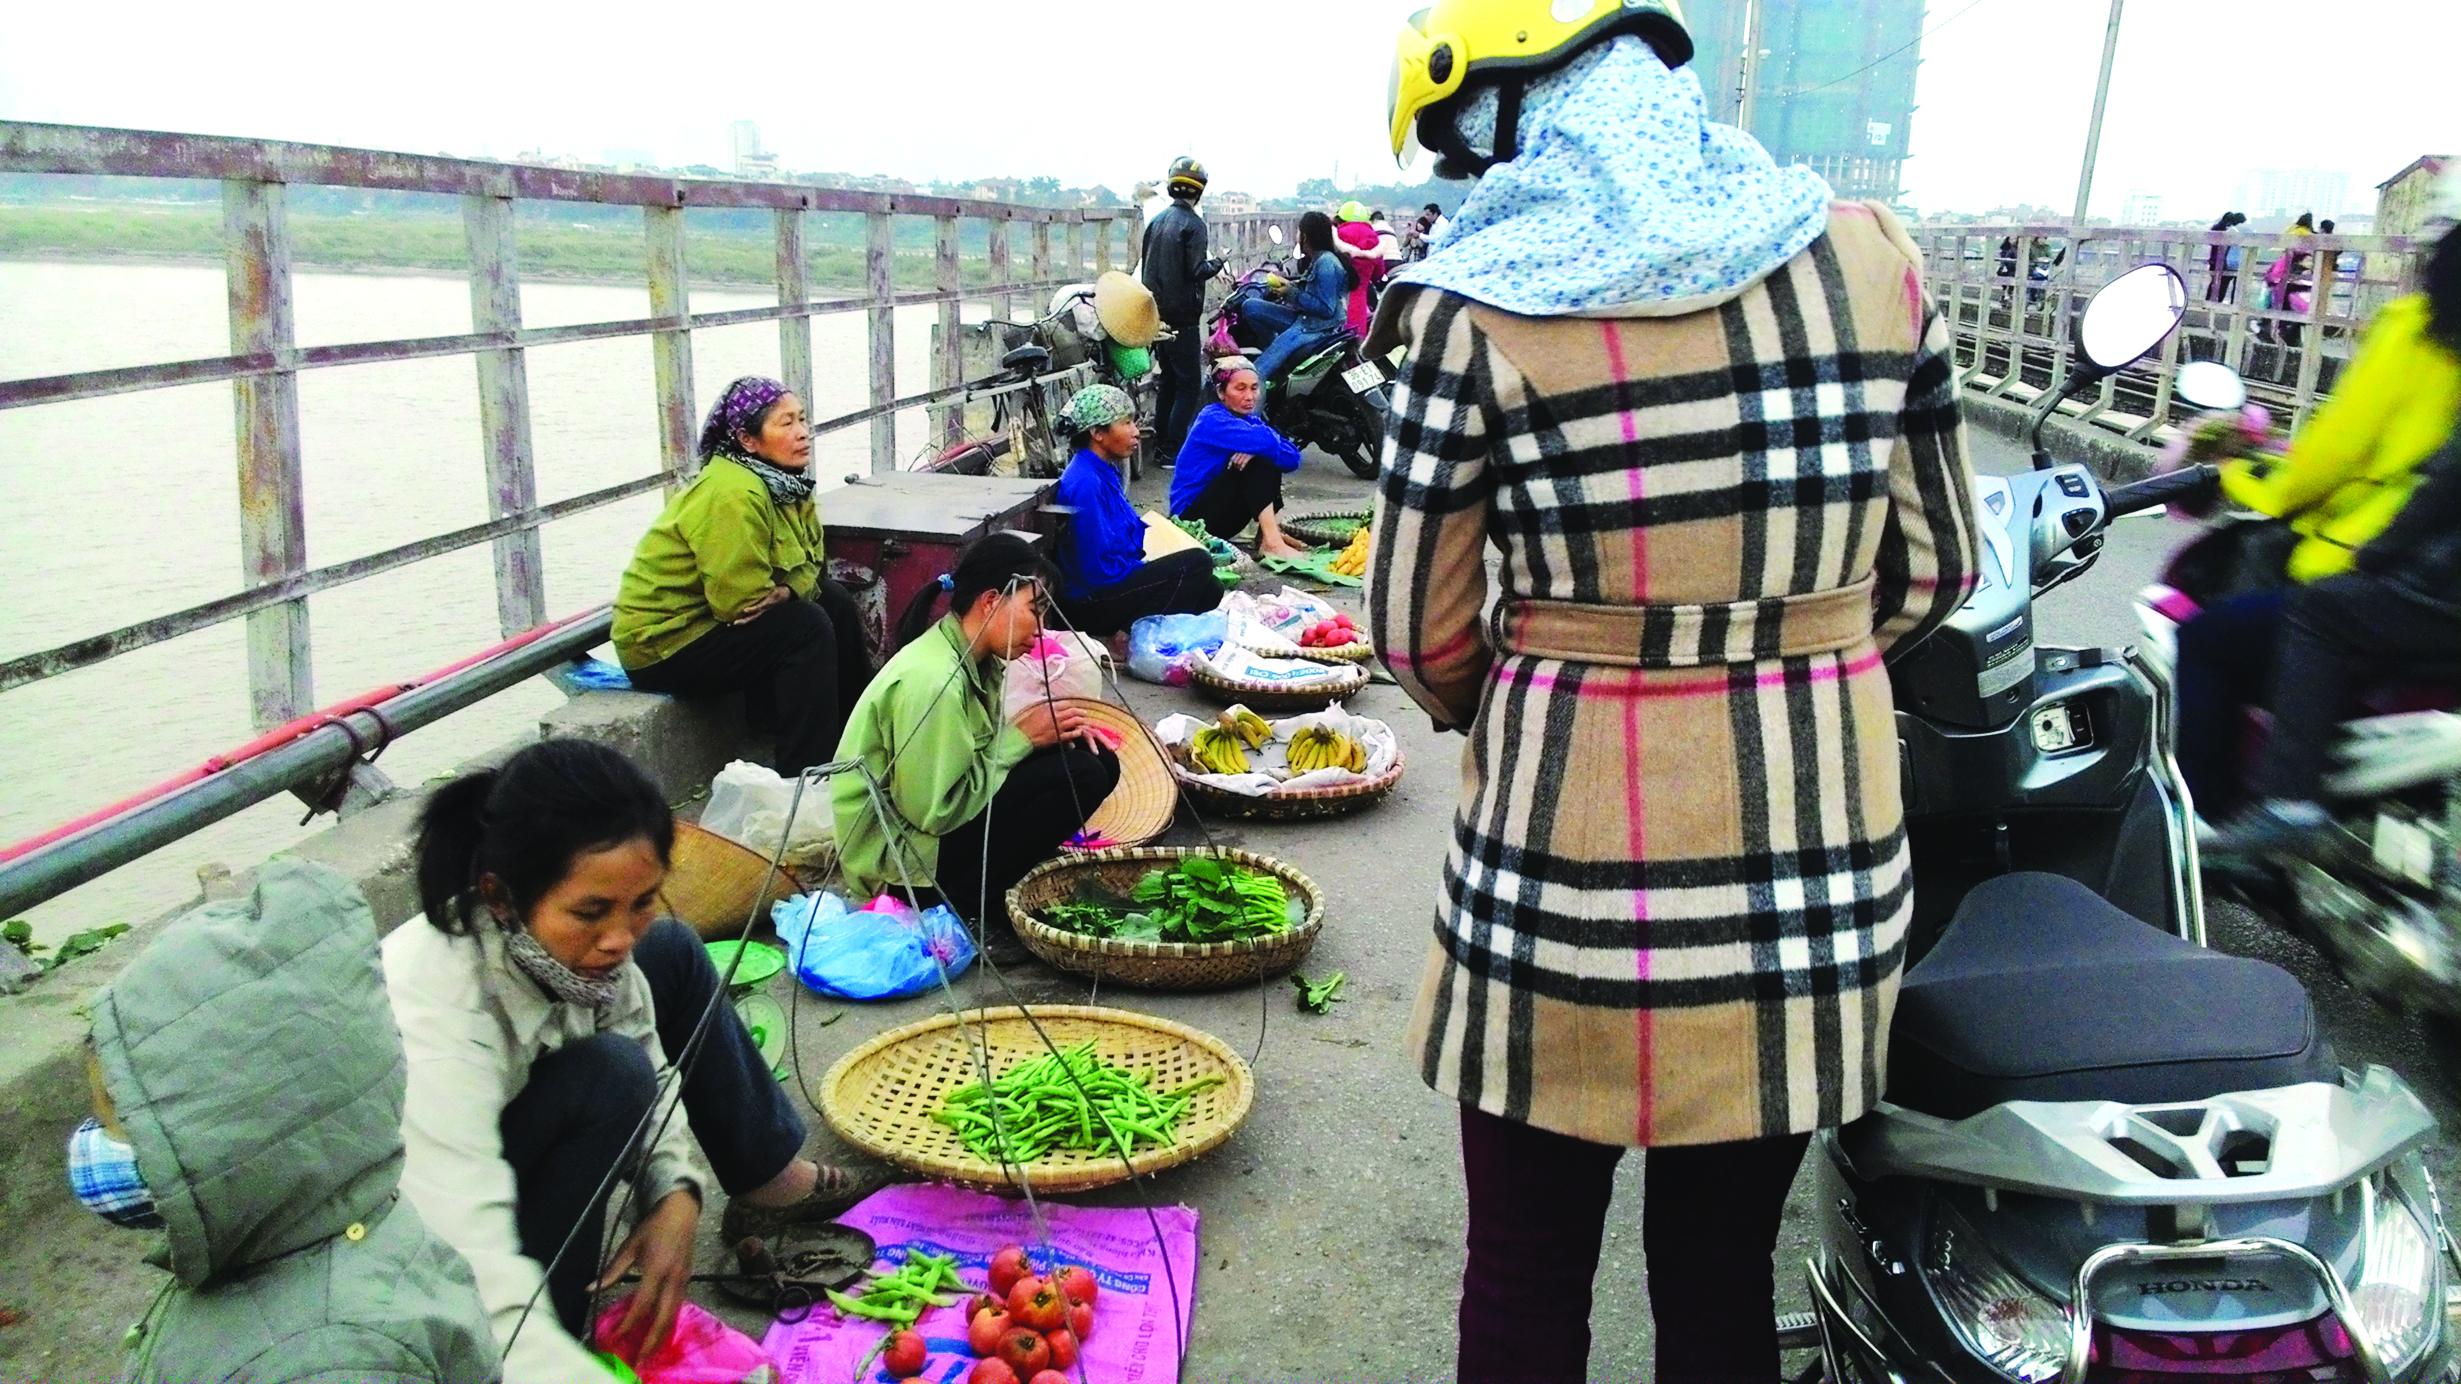 Năm trật tự văn minh đô thị: Hà Nội bất lực với hàng quán nhếch nhác